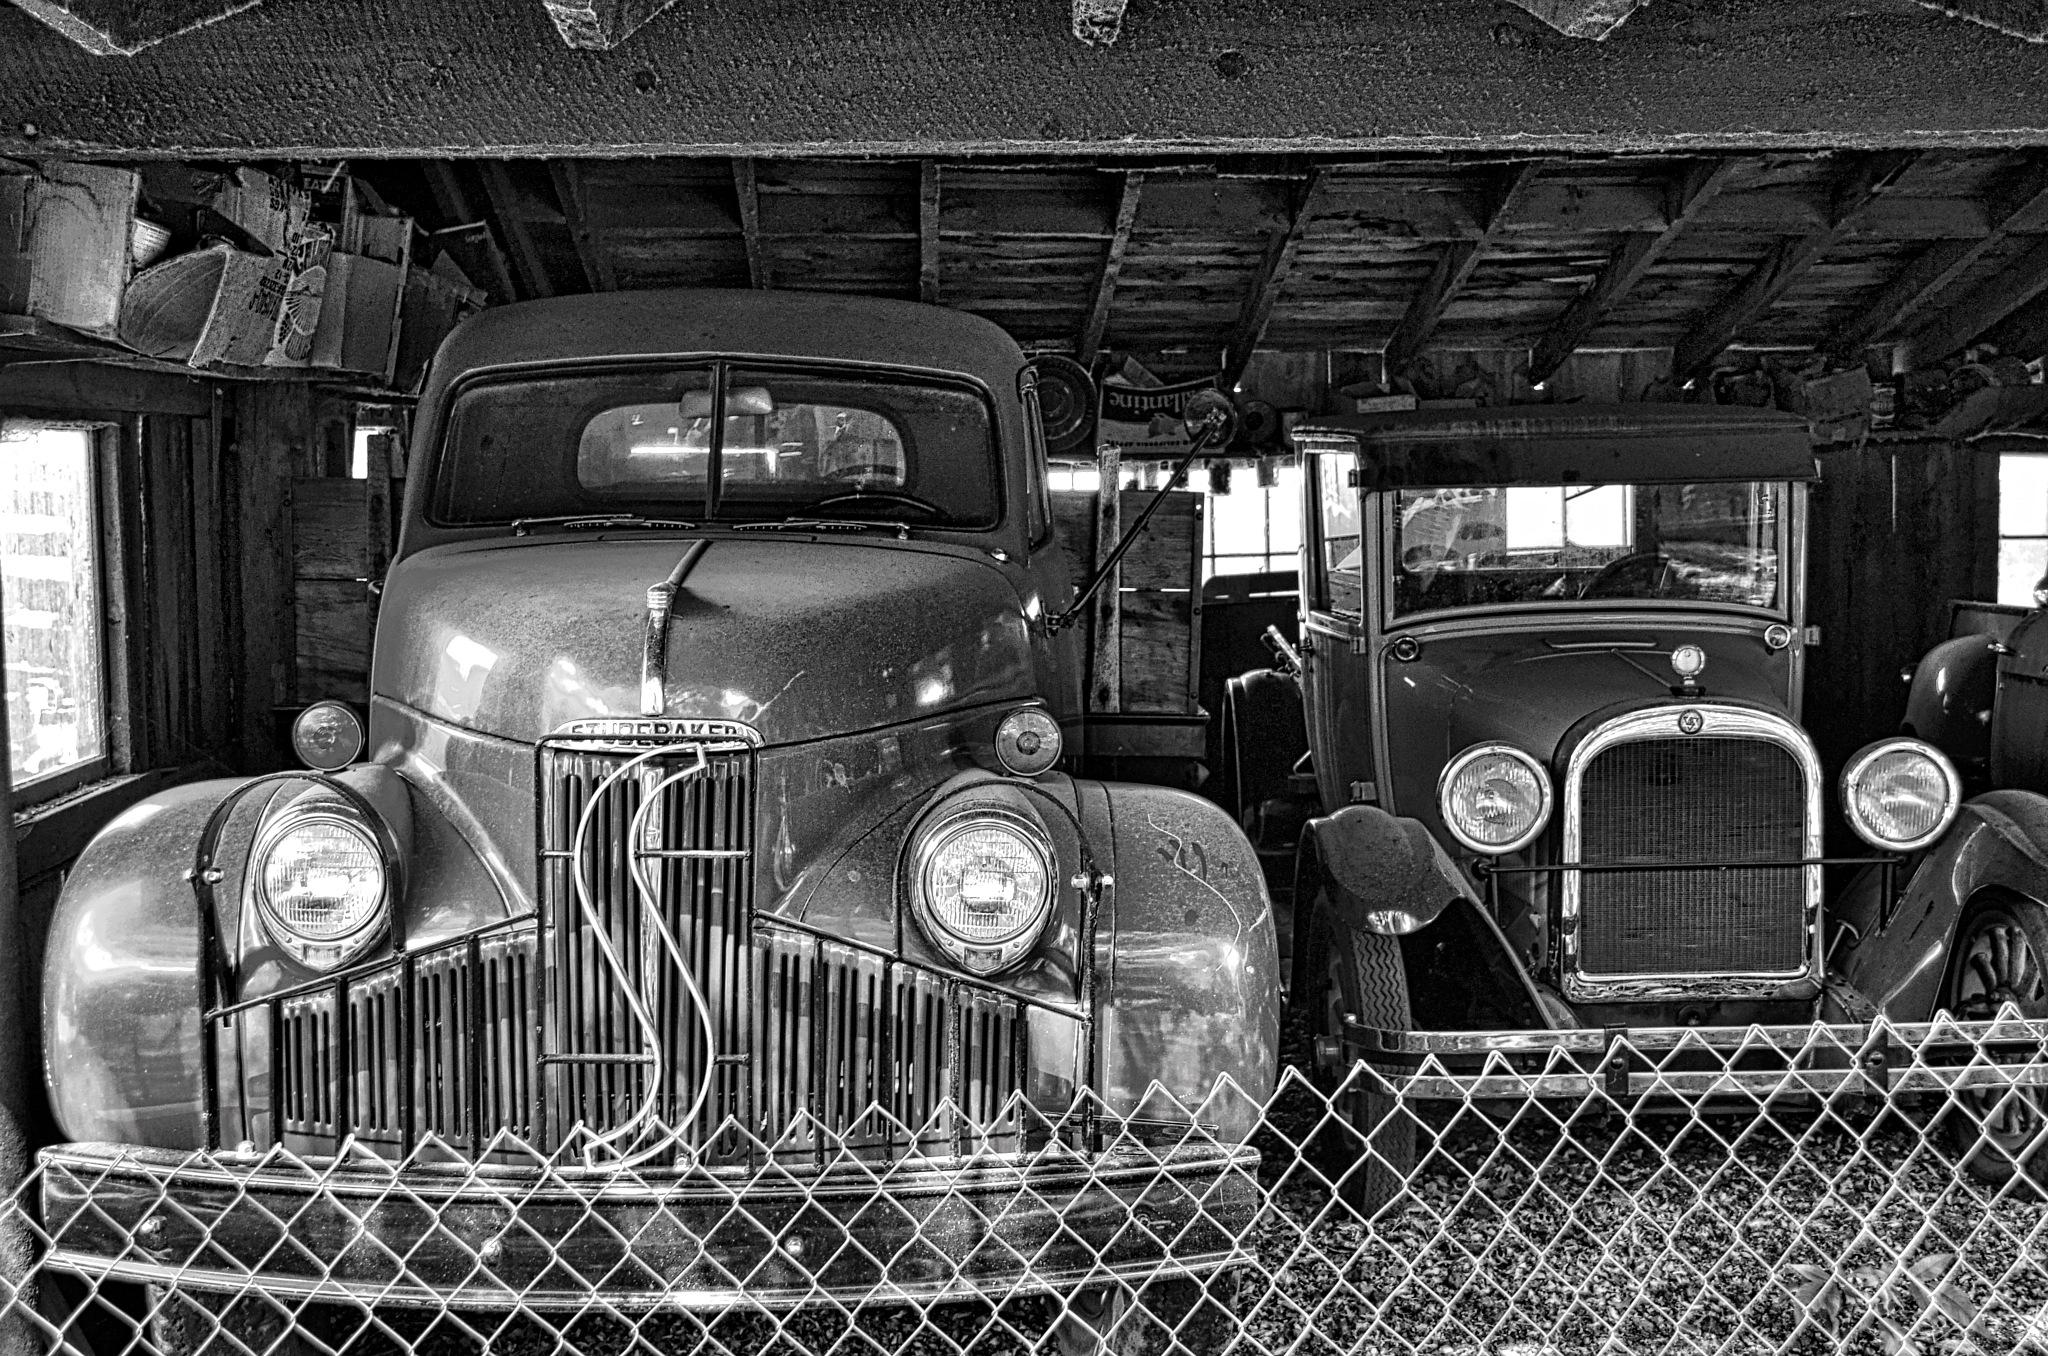 In An Open Face Garage by Harrison Hanville